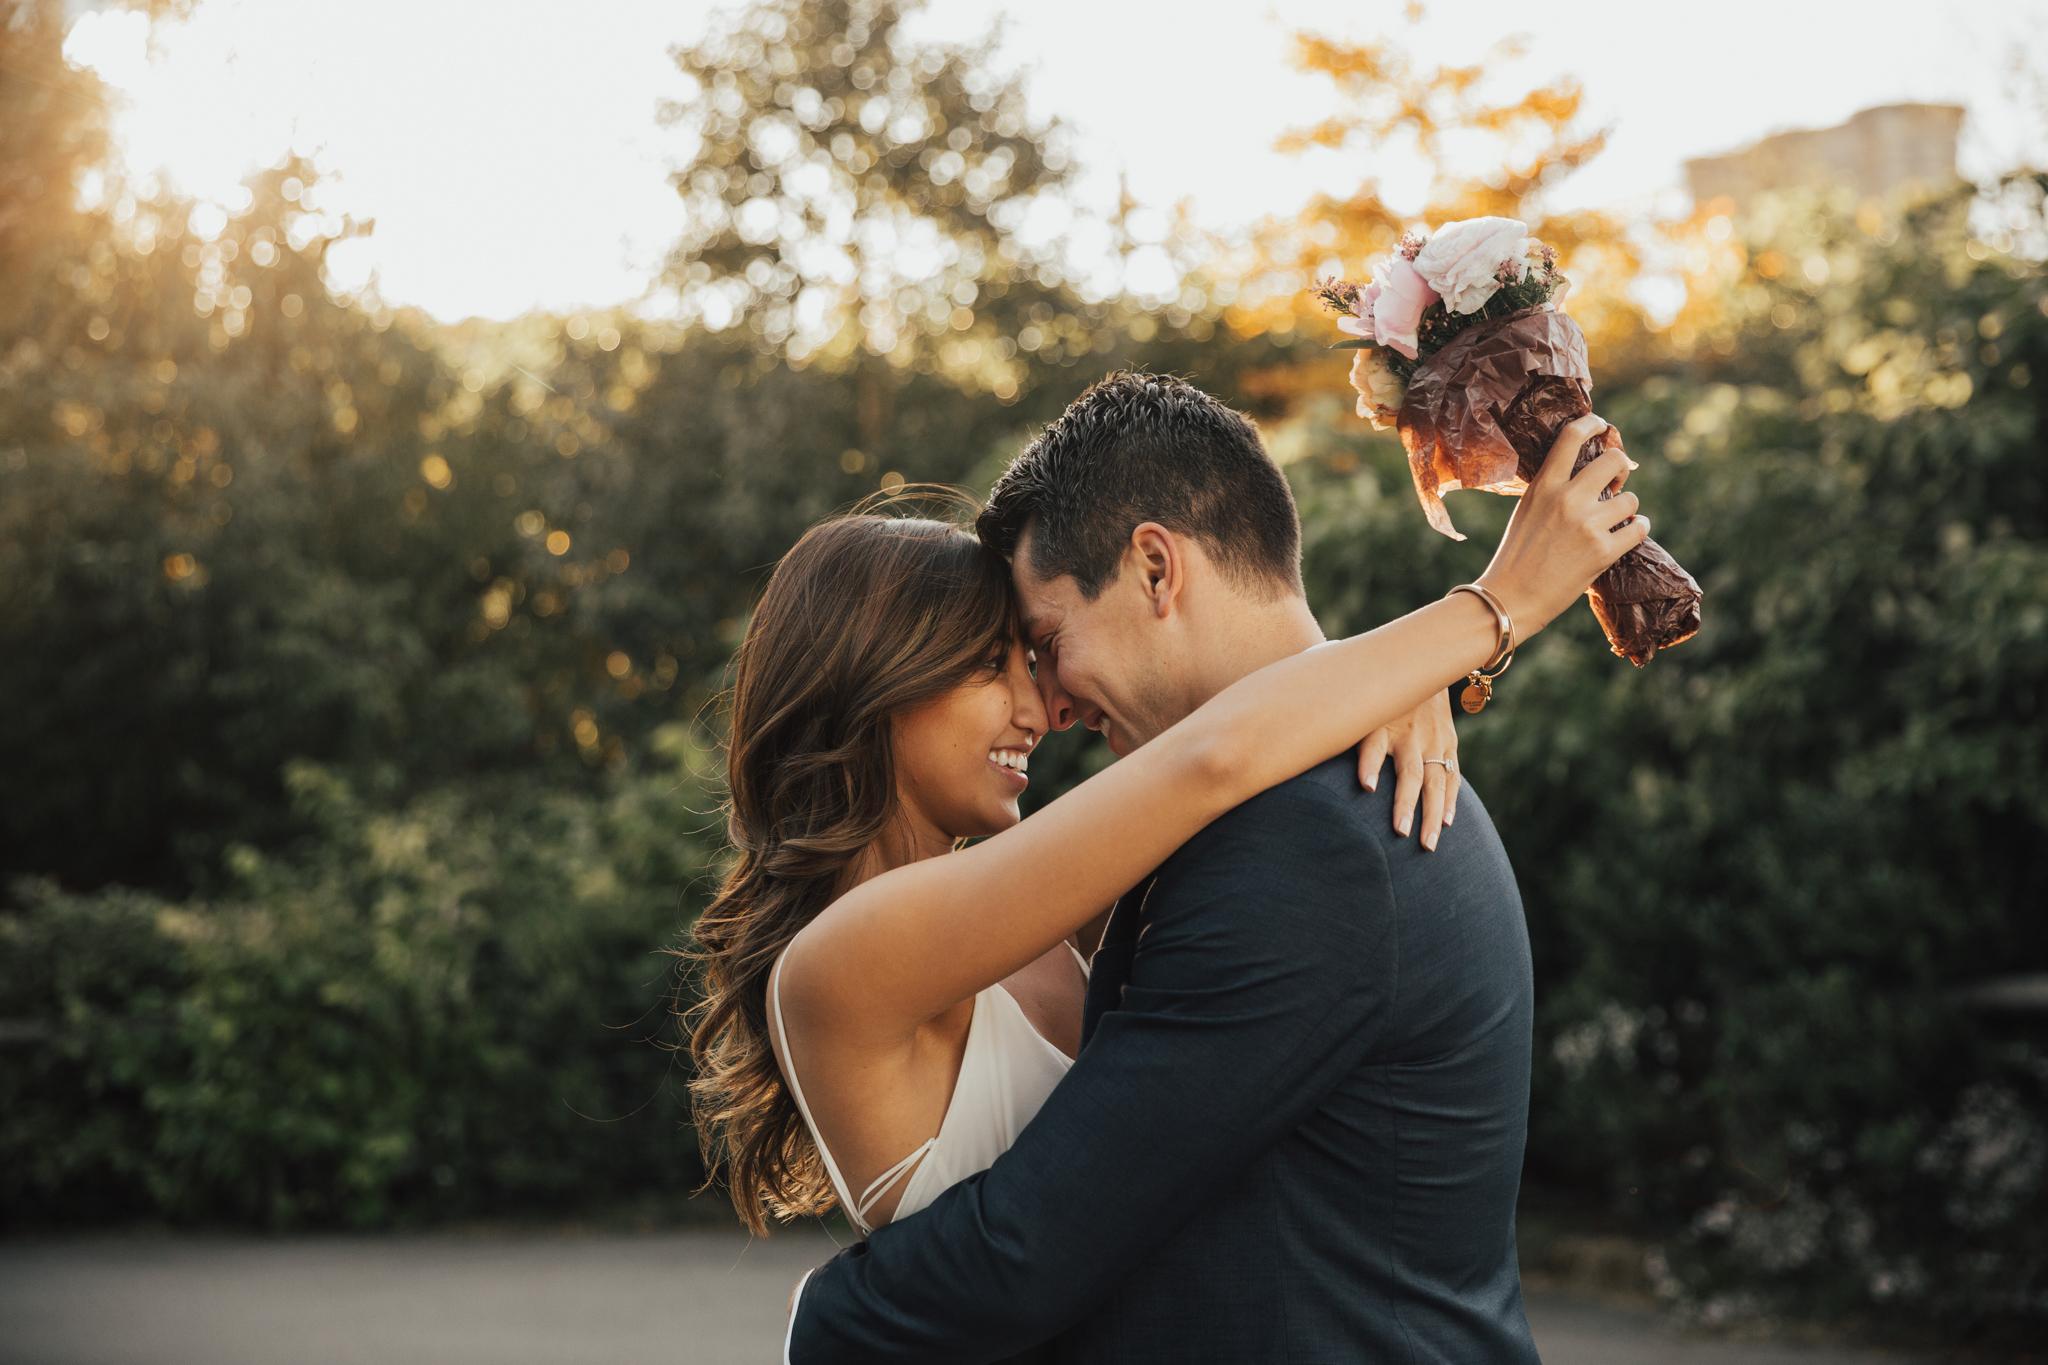 Candid wedding photography nyc nj